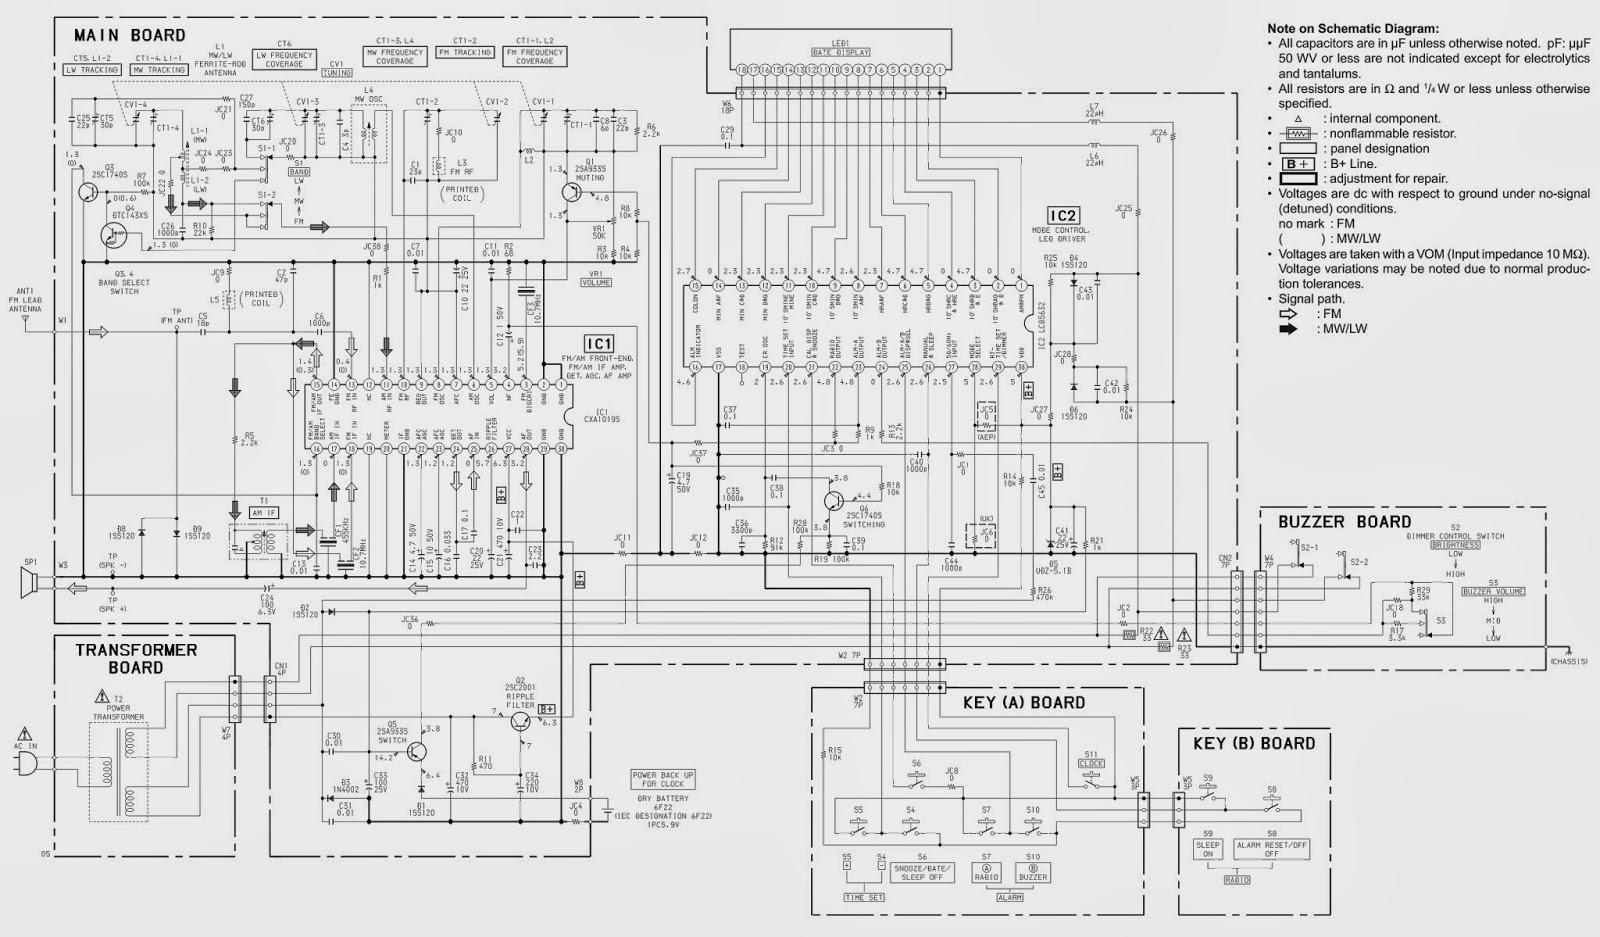 98 Hyundai Accent Radio Wiring Diagram Com